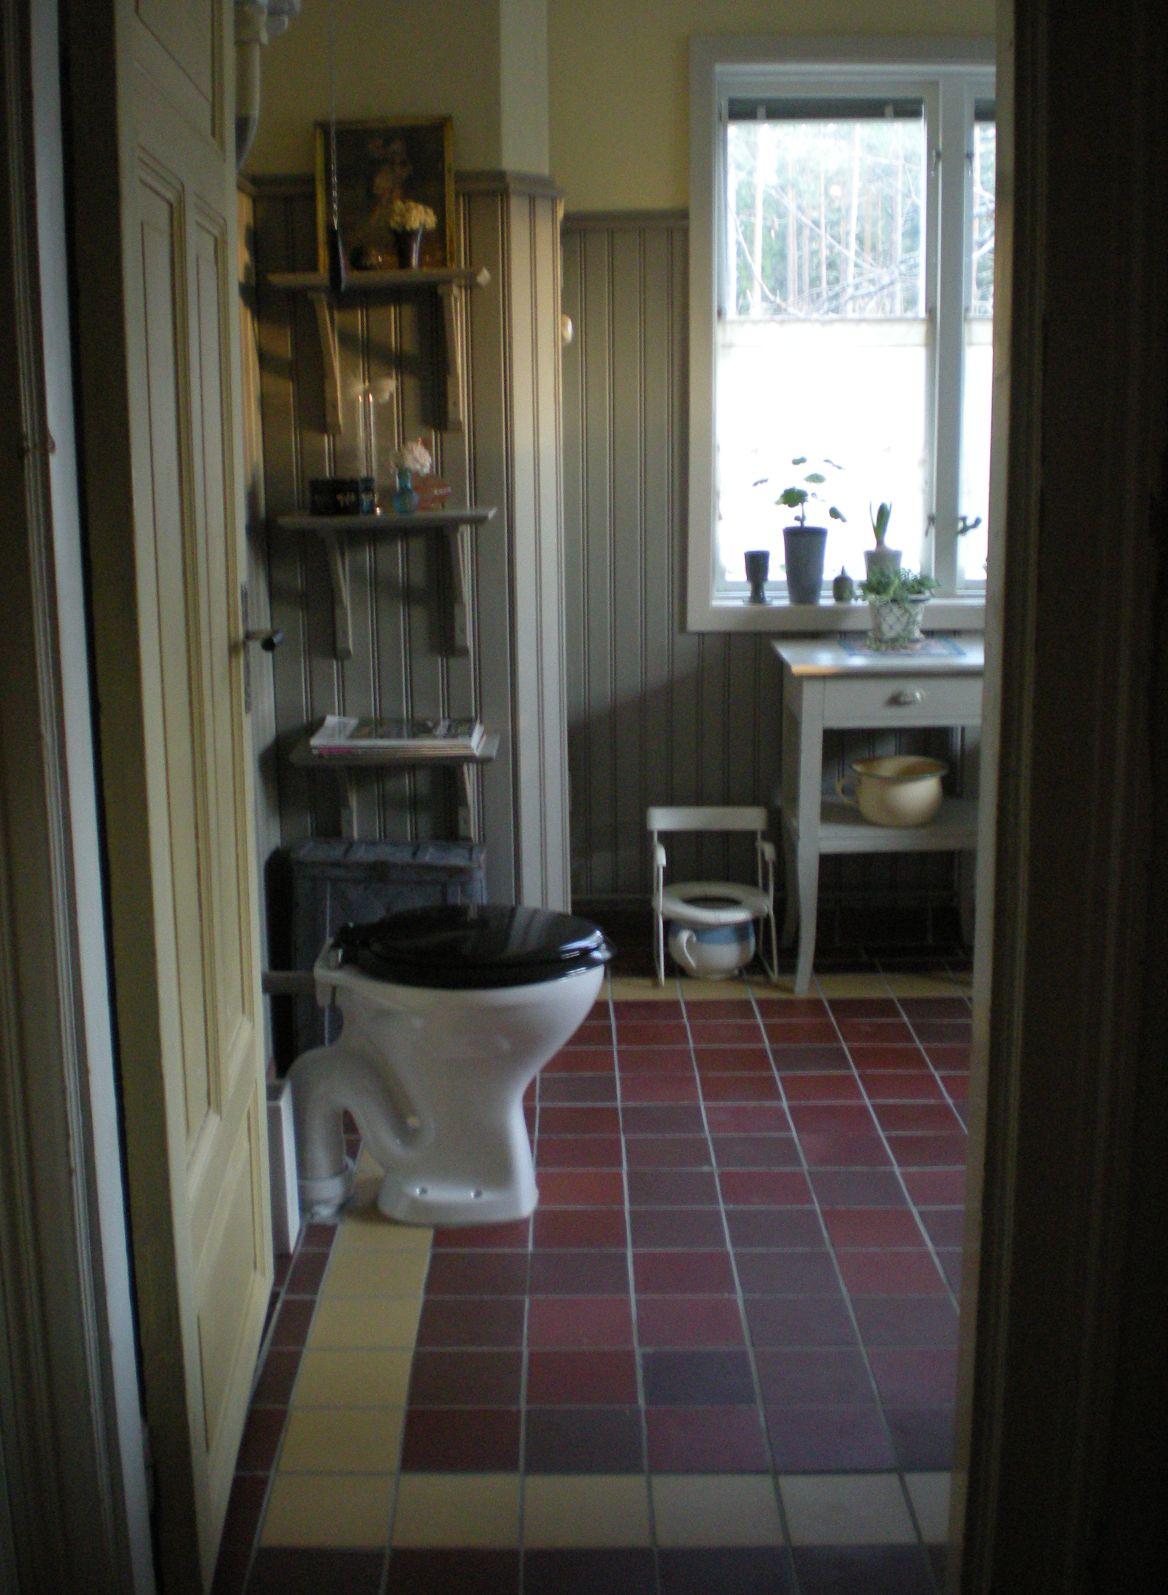 Fint badrum kakel ~ xellen.com